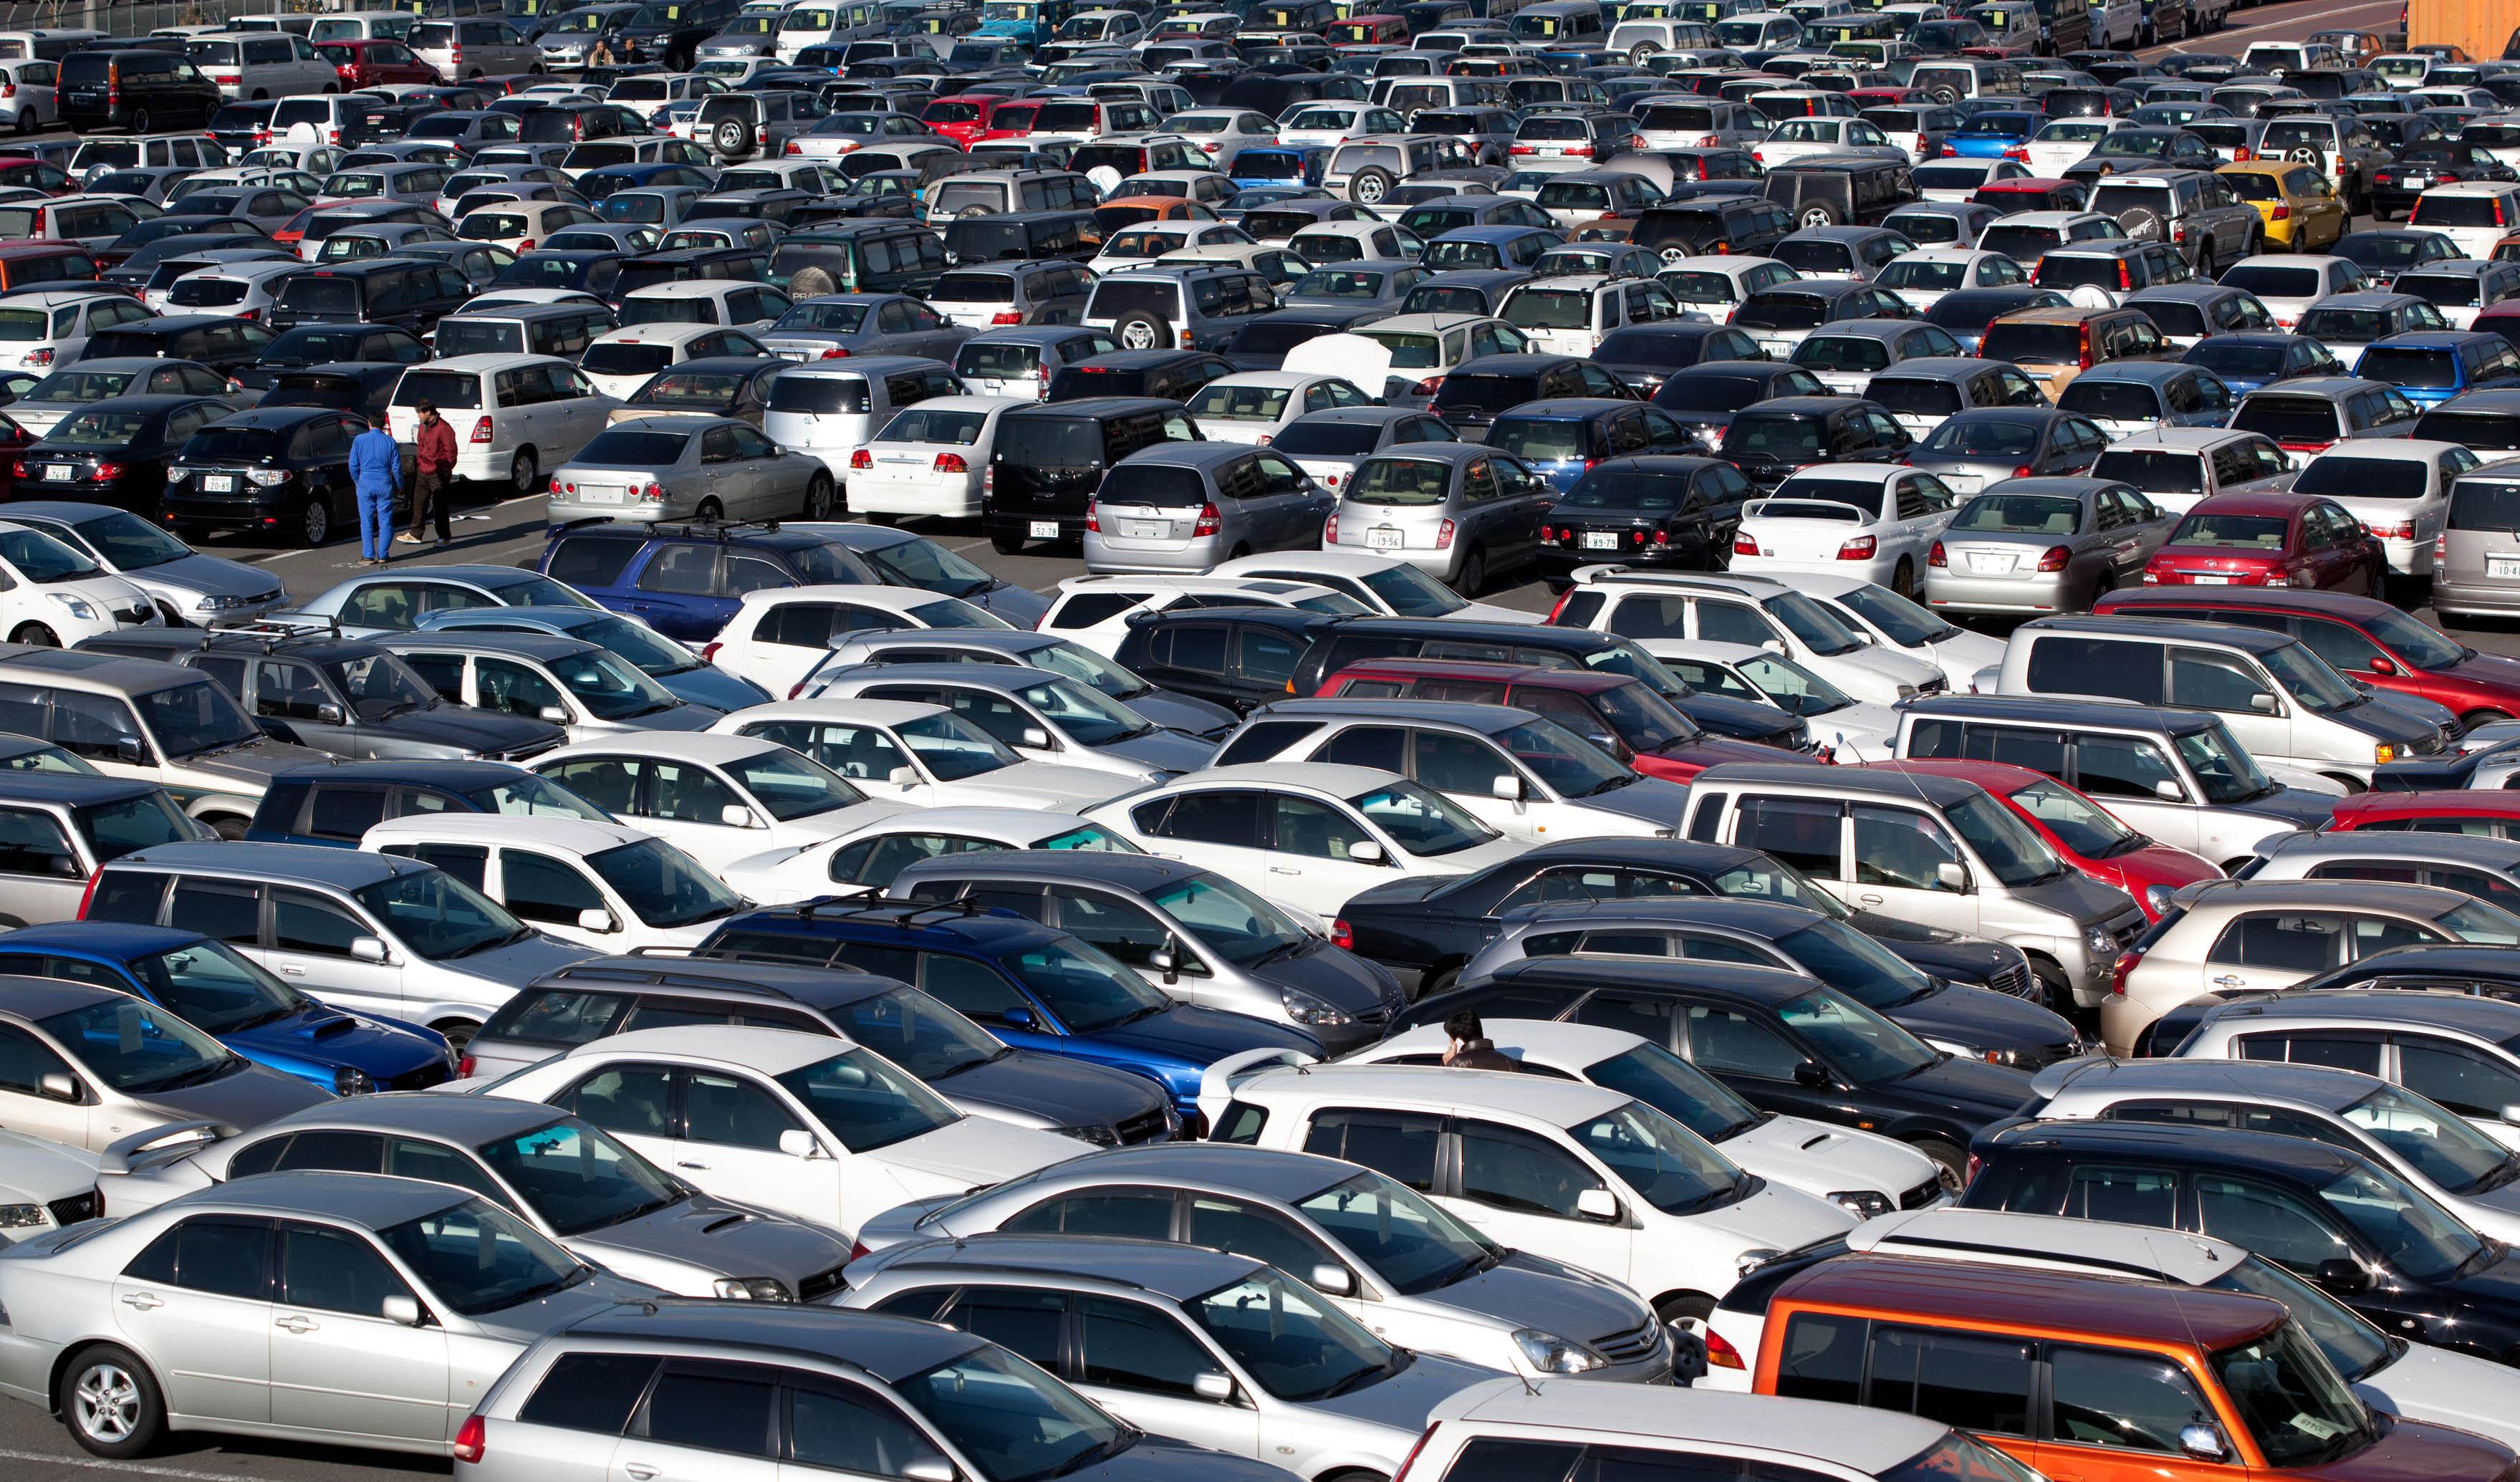 بازار خودرو ترمز برید | خطشکنی در مرز ۱۰۰ میلیون تومان